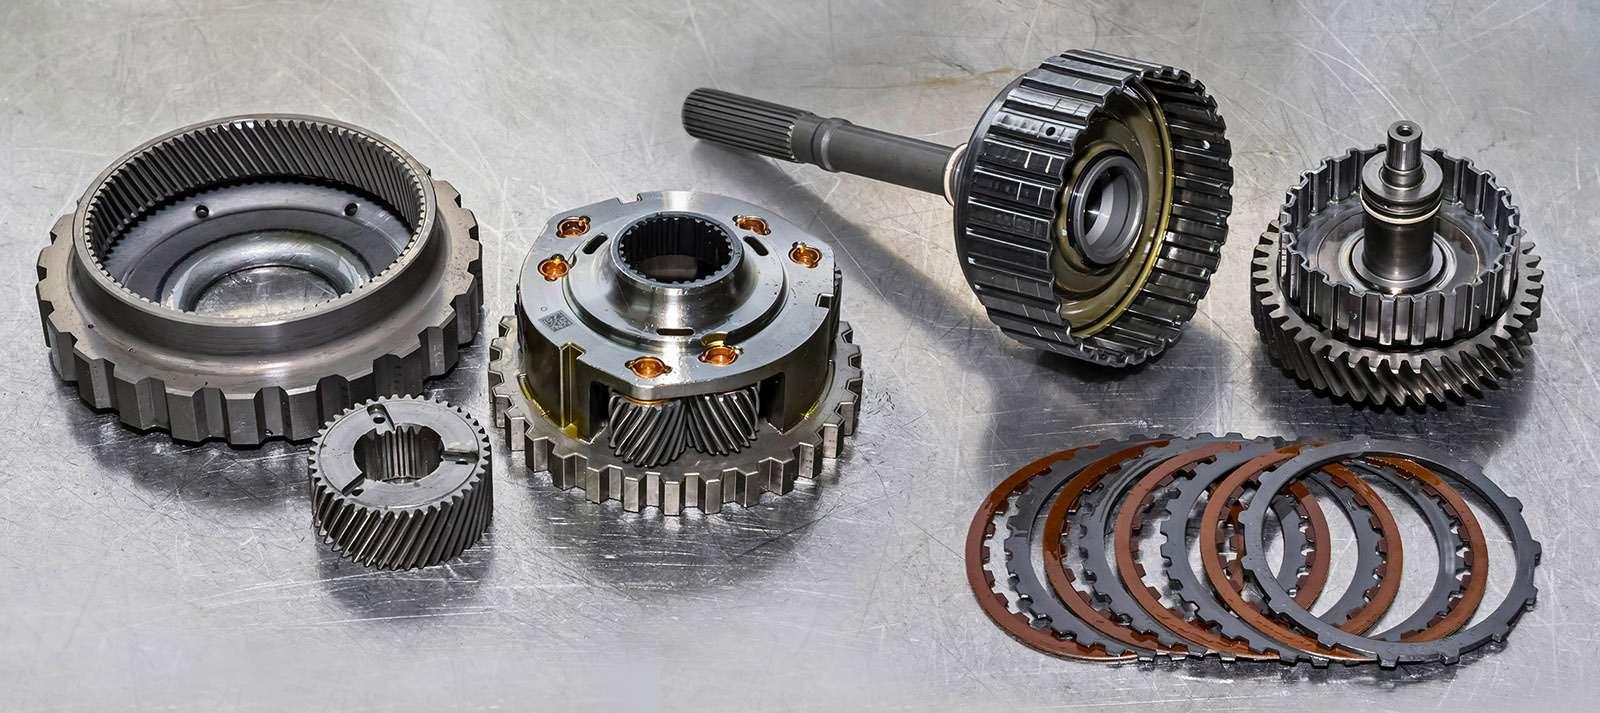 Можно ли отремонтировать вариатор? Исколько это стоит?— фото 846855